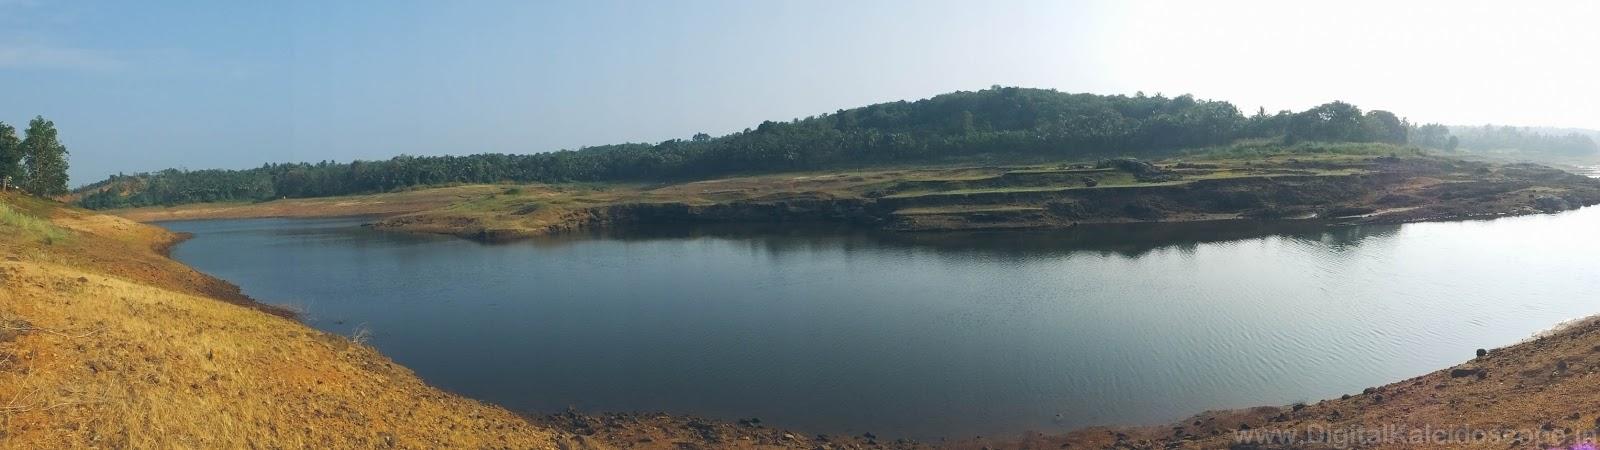 Poomala Lake